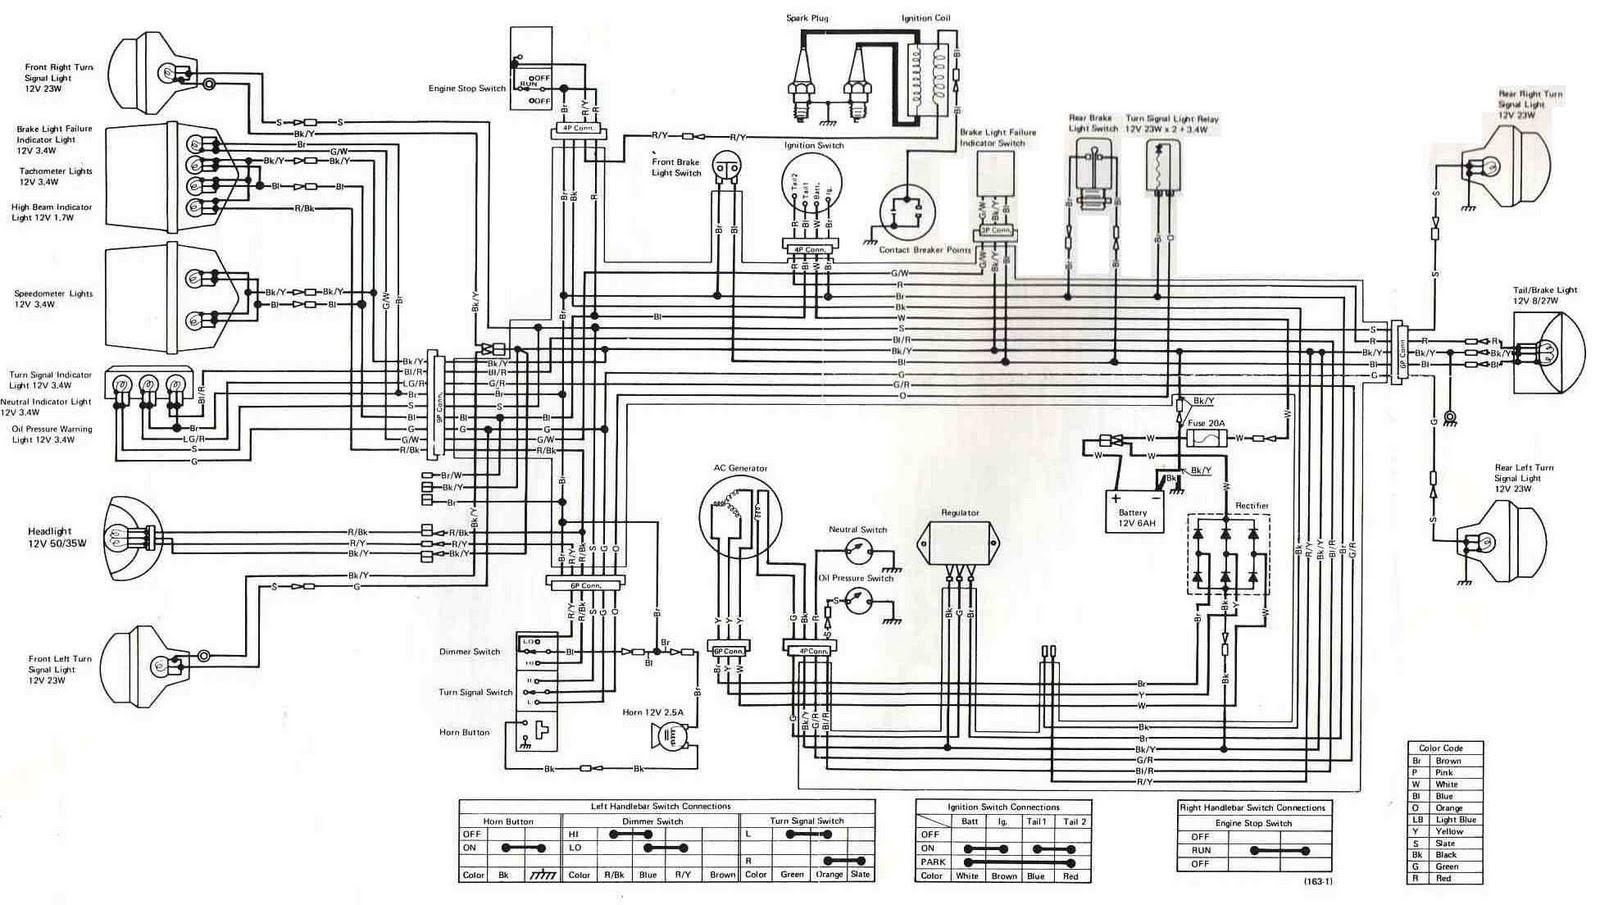 wiring diagrams for kawasaki 1996 300